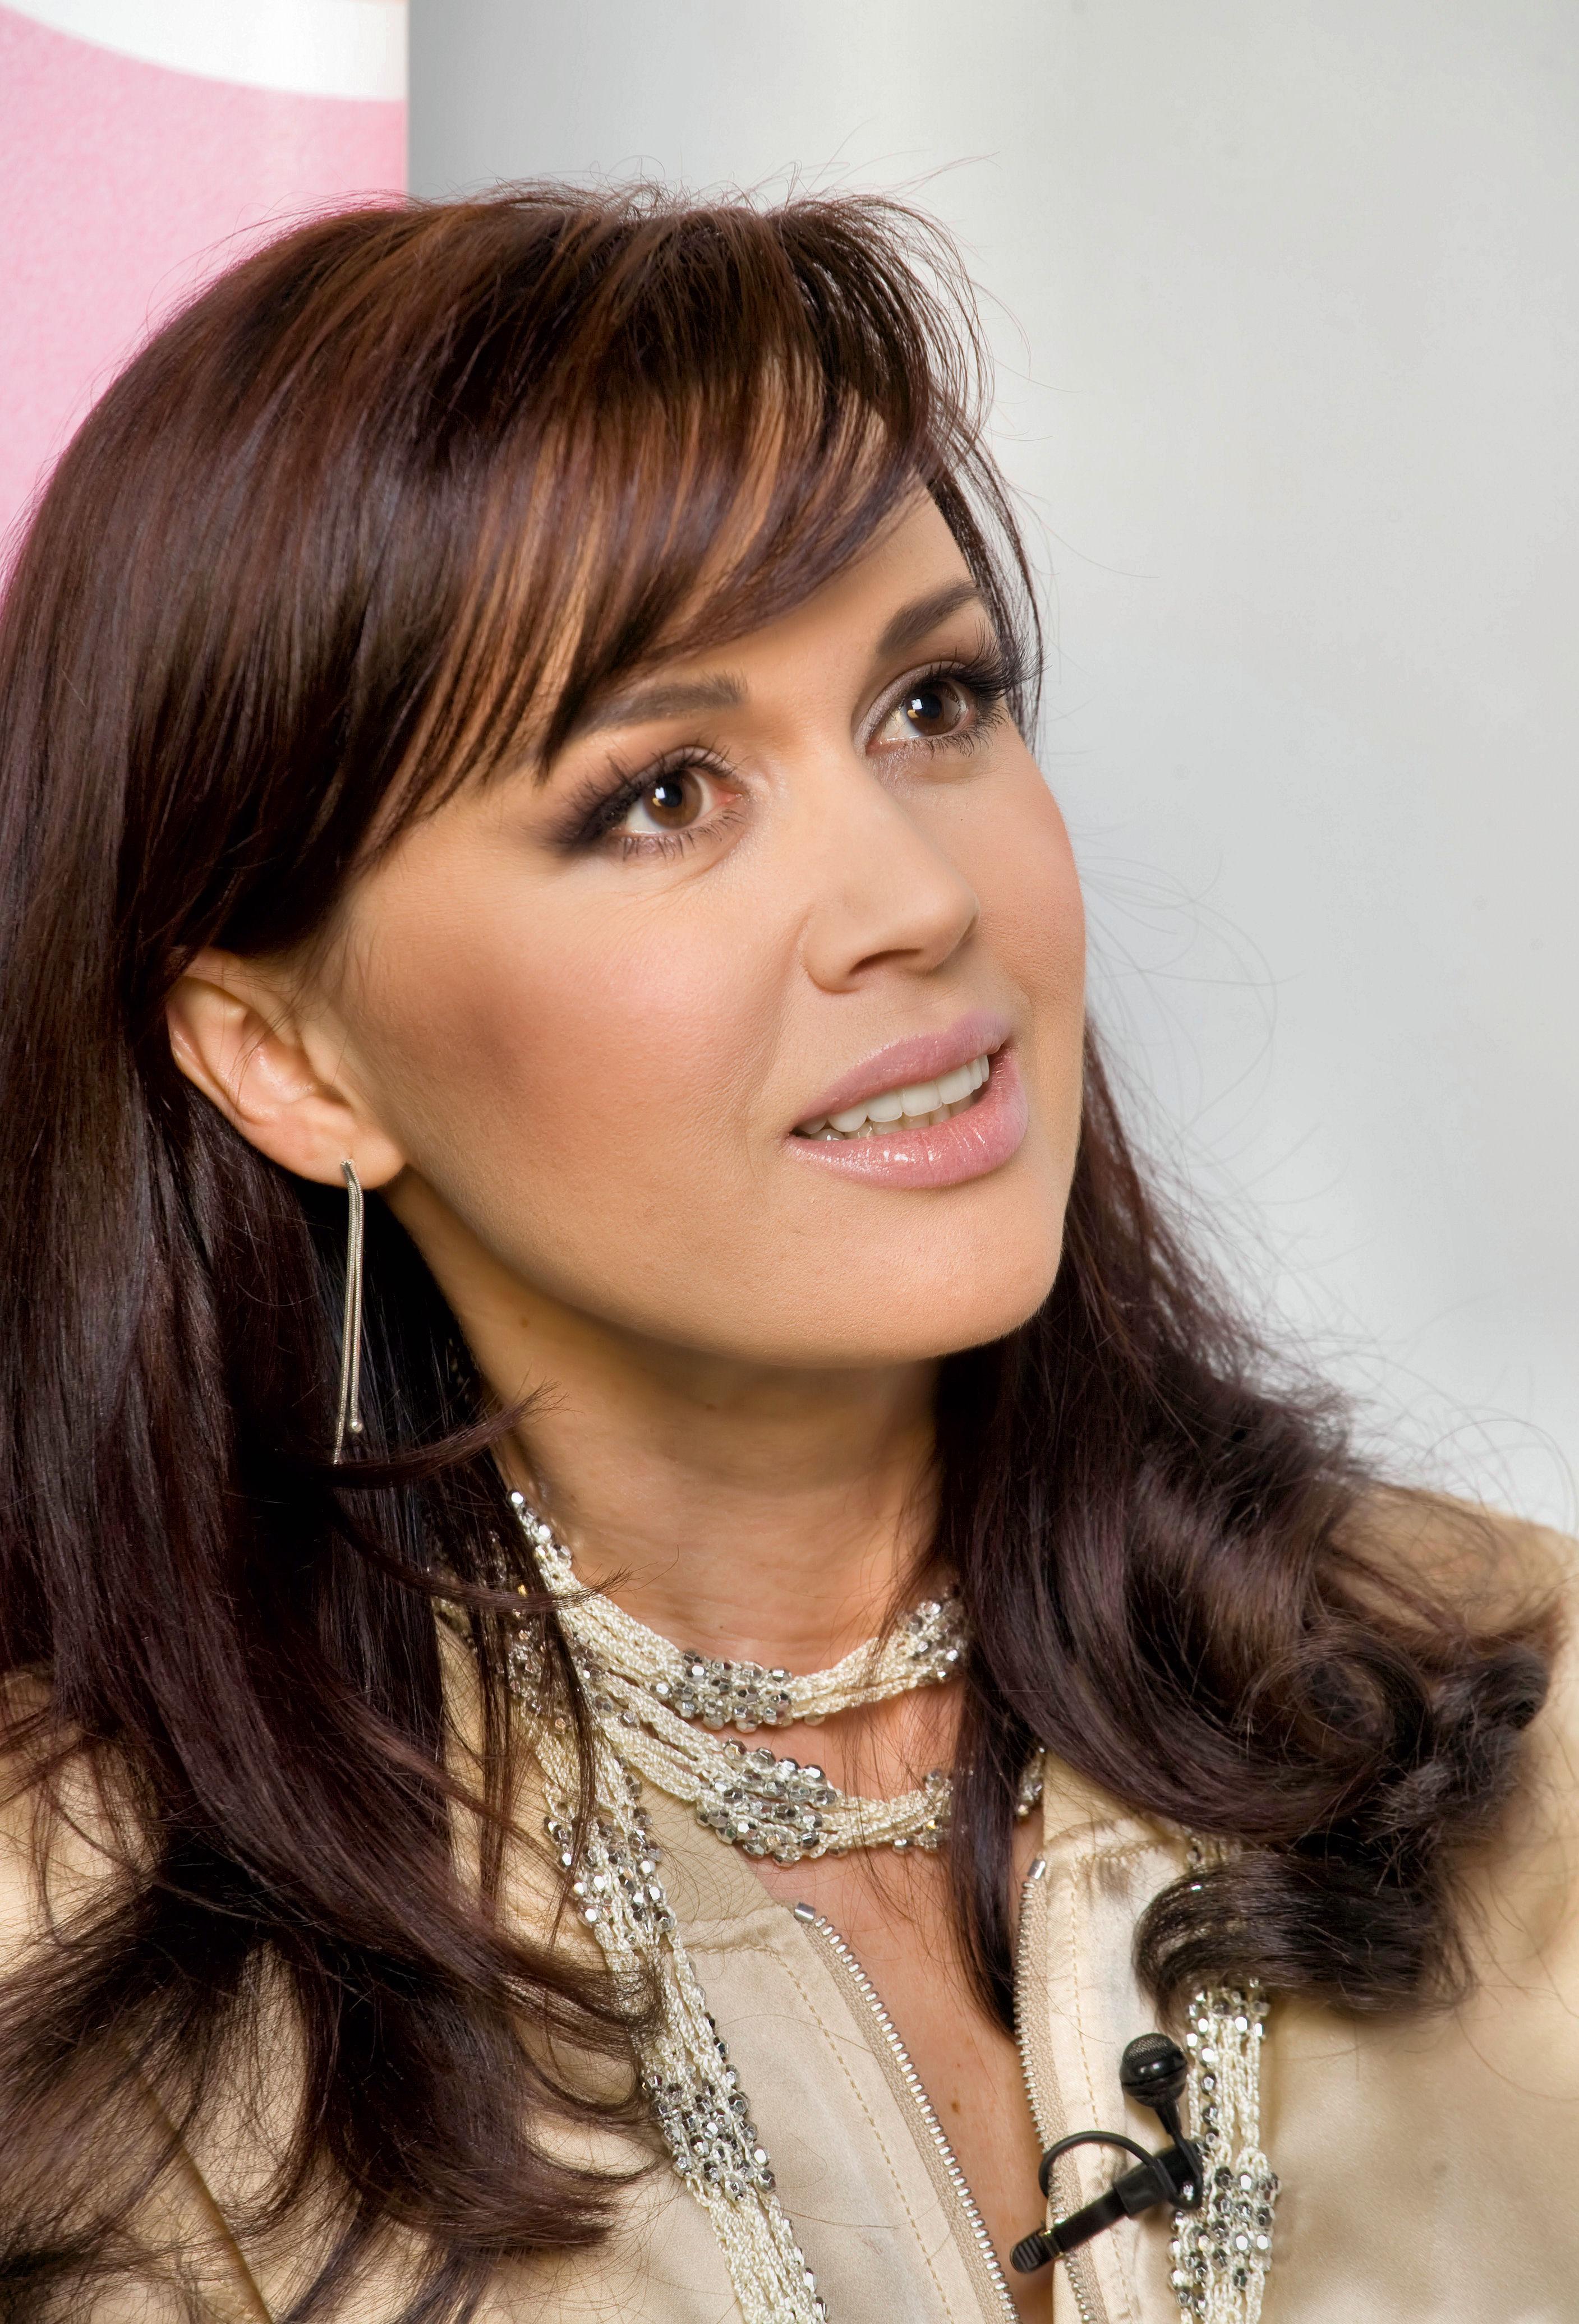 Фотки российских актрис 4 фотография